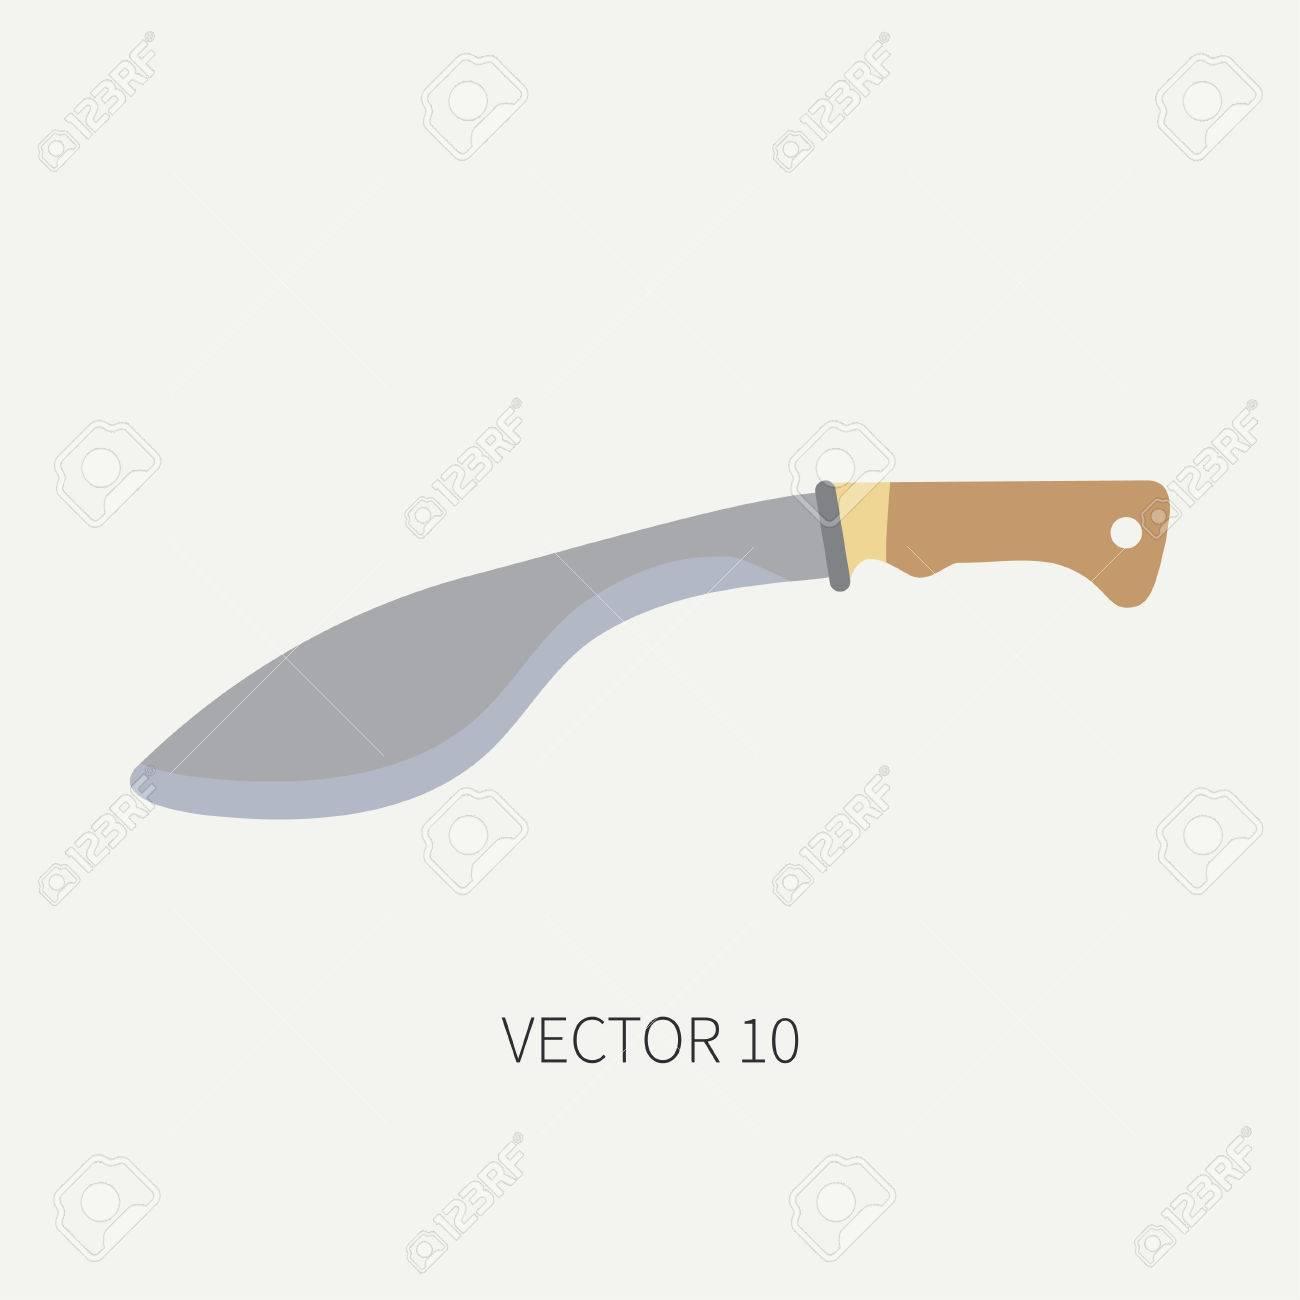 Línea De Azulejos Color Vector De Caza Y Camping Icono - Machete. Equipo De  Cazador 11f09fac1ed